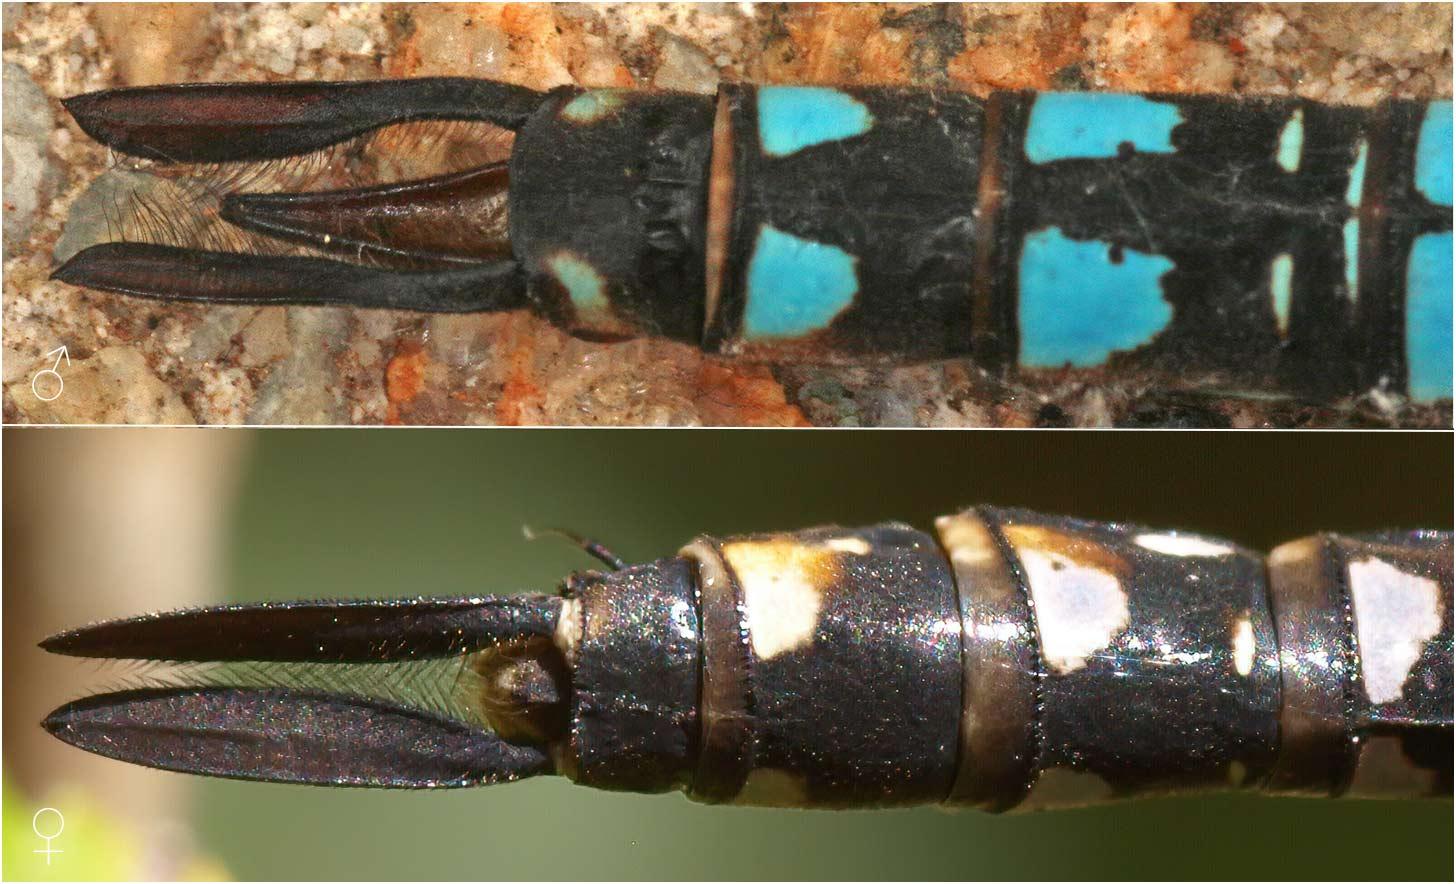 Aeshna mixta mâle et femelle, appendices anaux, France